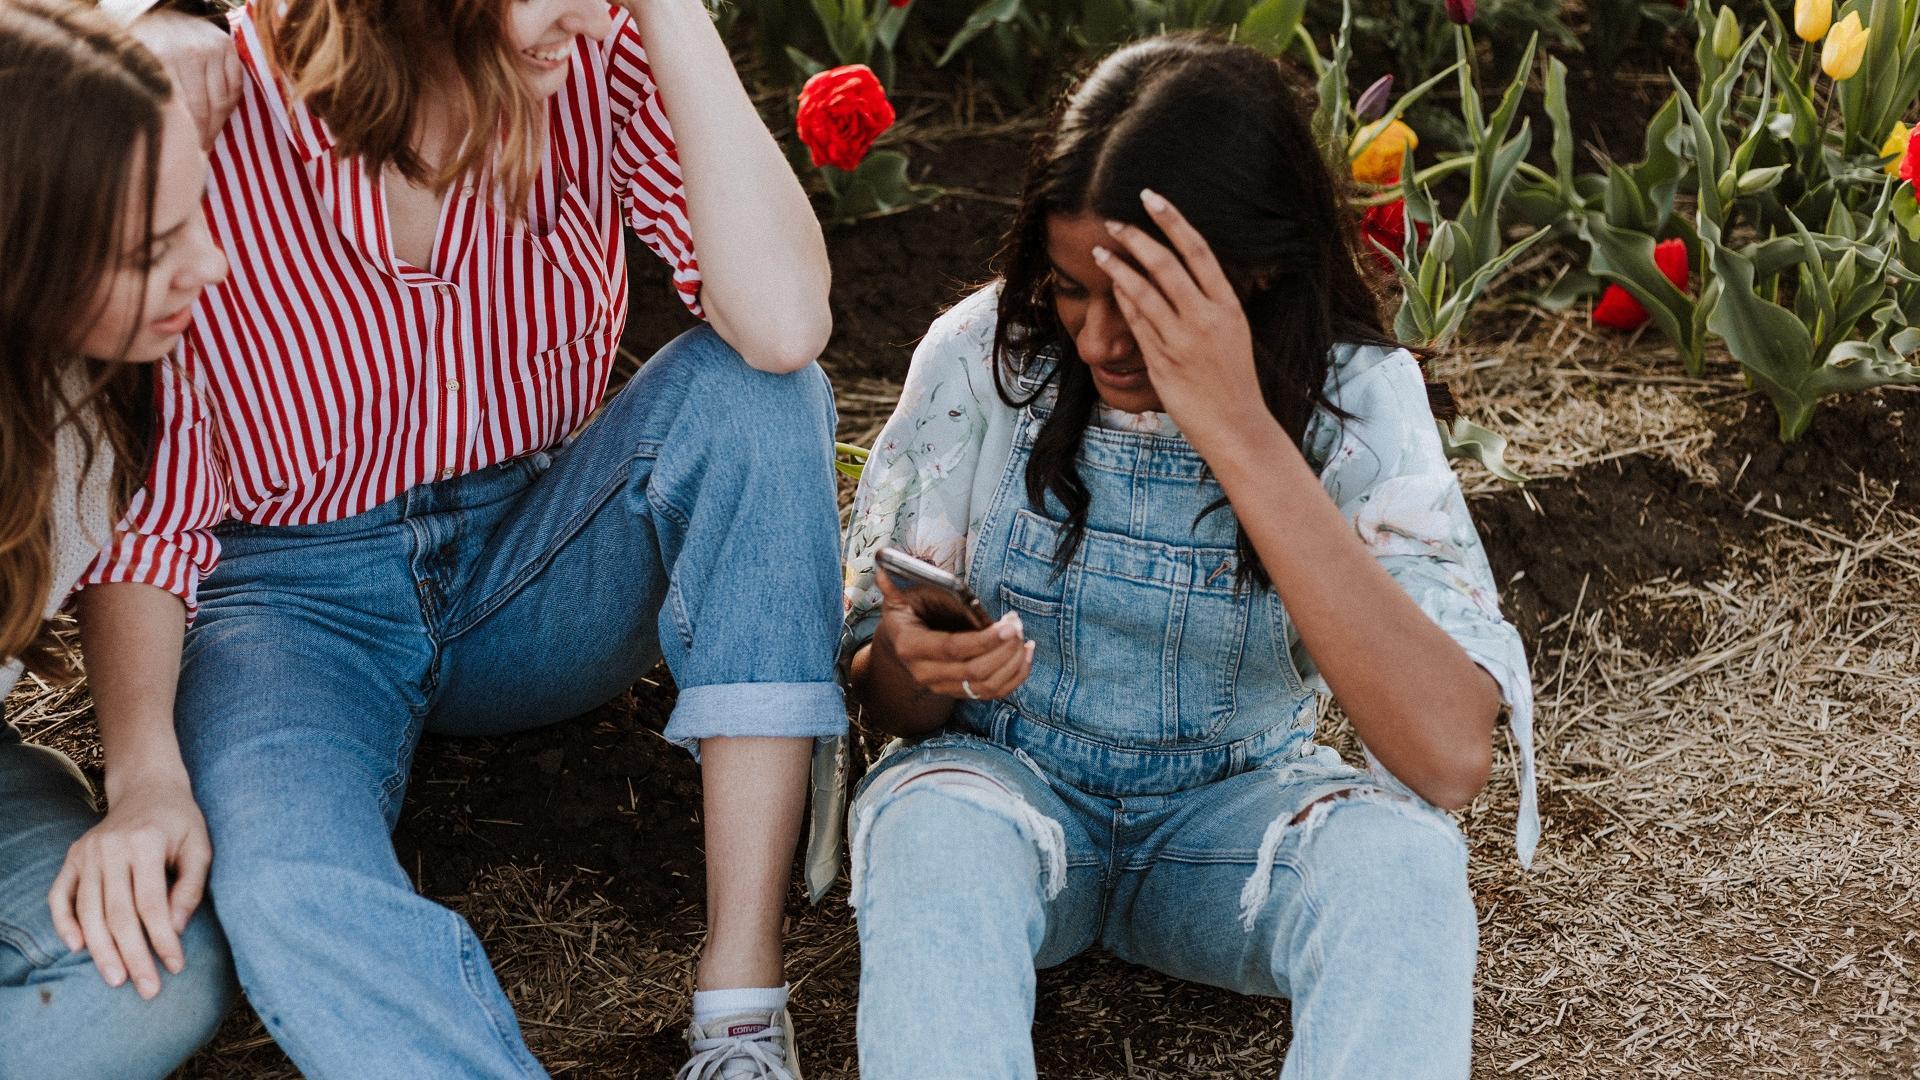 Tinder Tipps richtig anschreiben: Mädchen sitzen zusammen und lachen